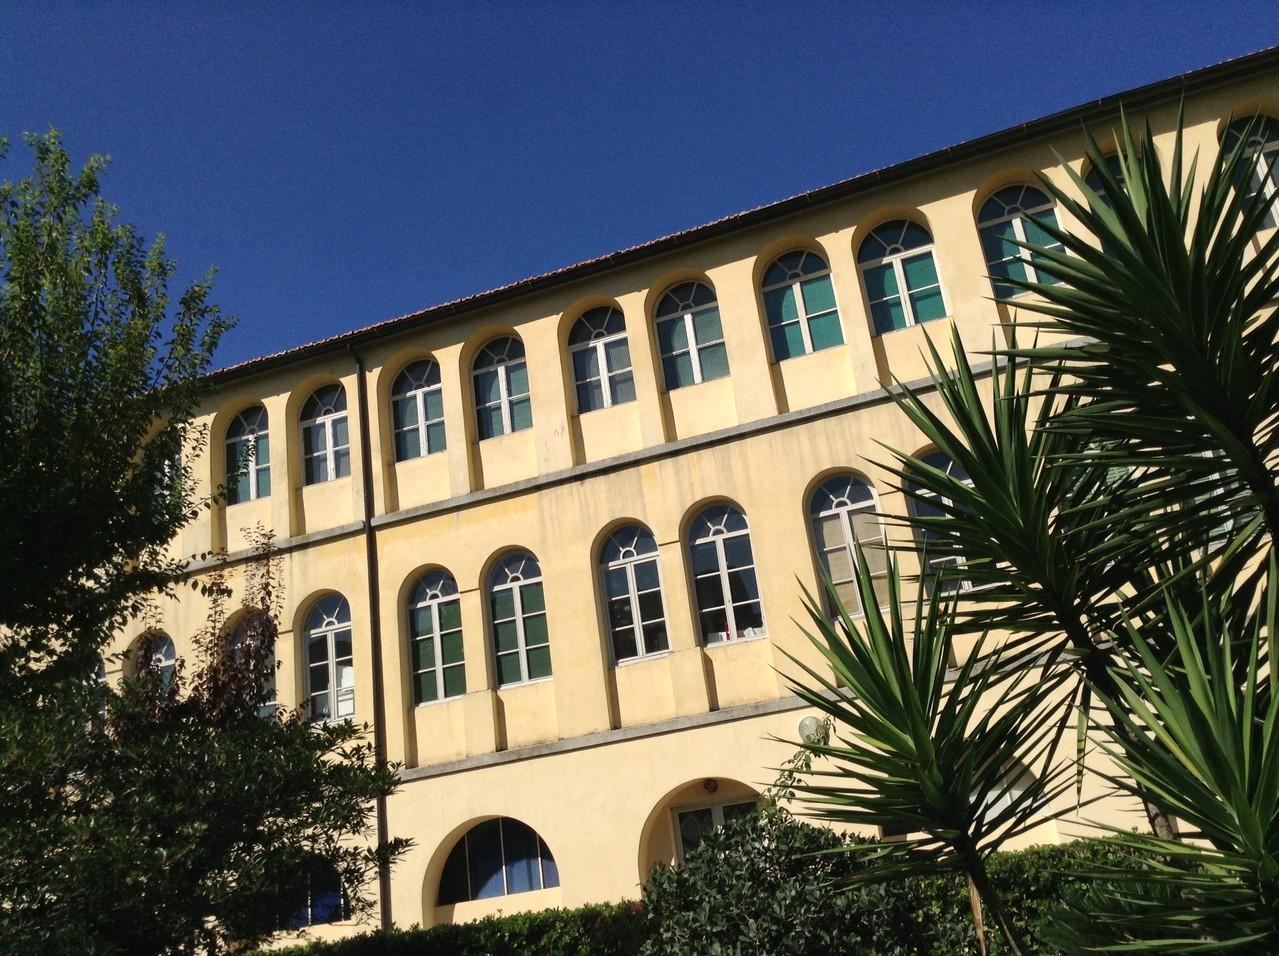 Casa Madre - Pisa